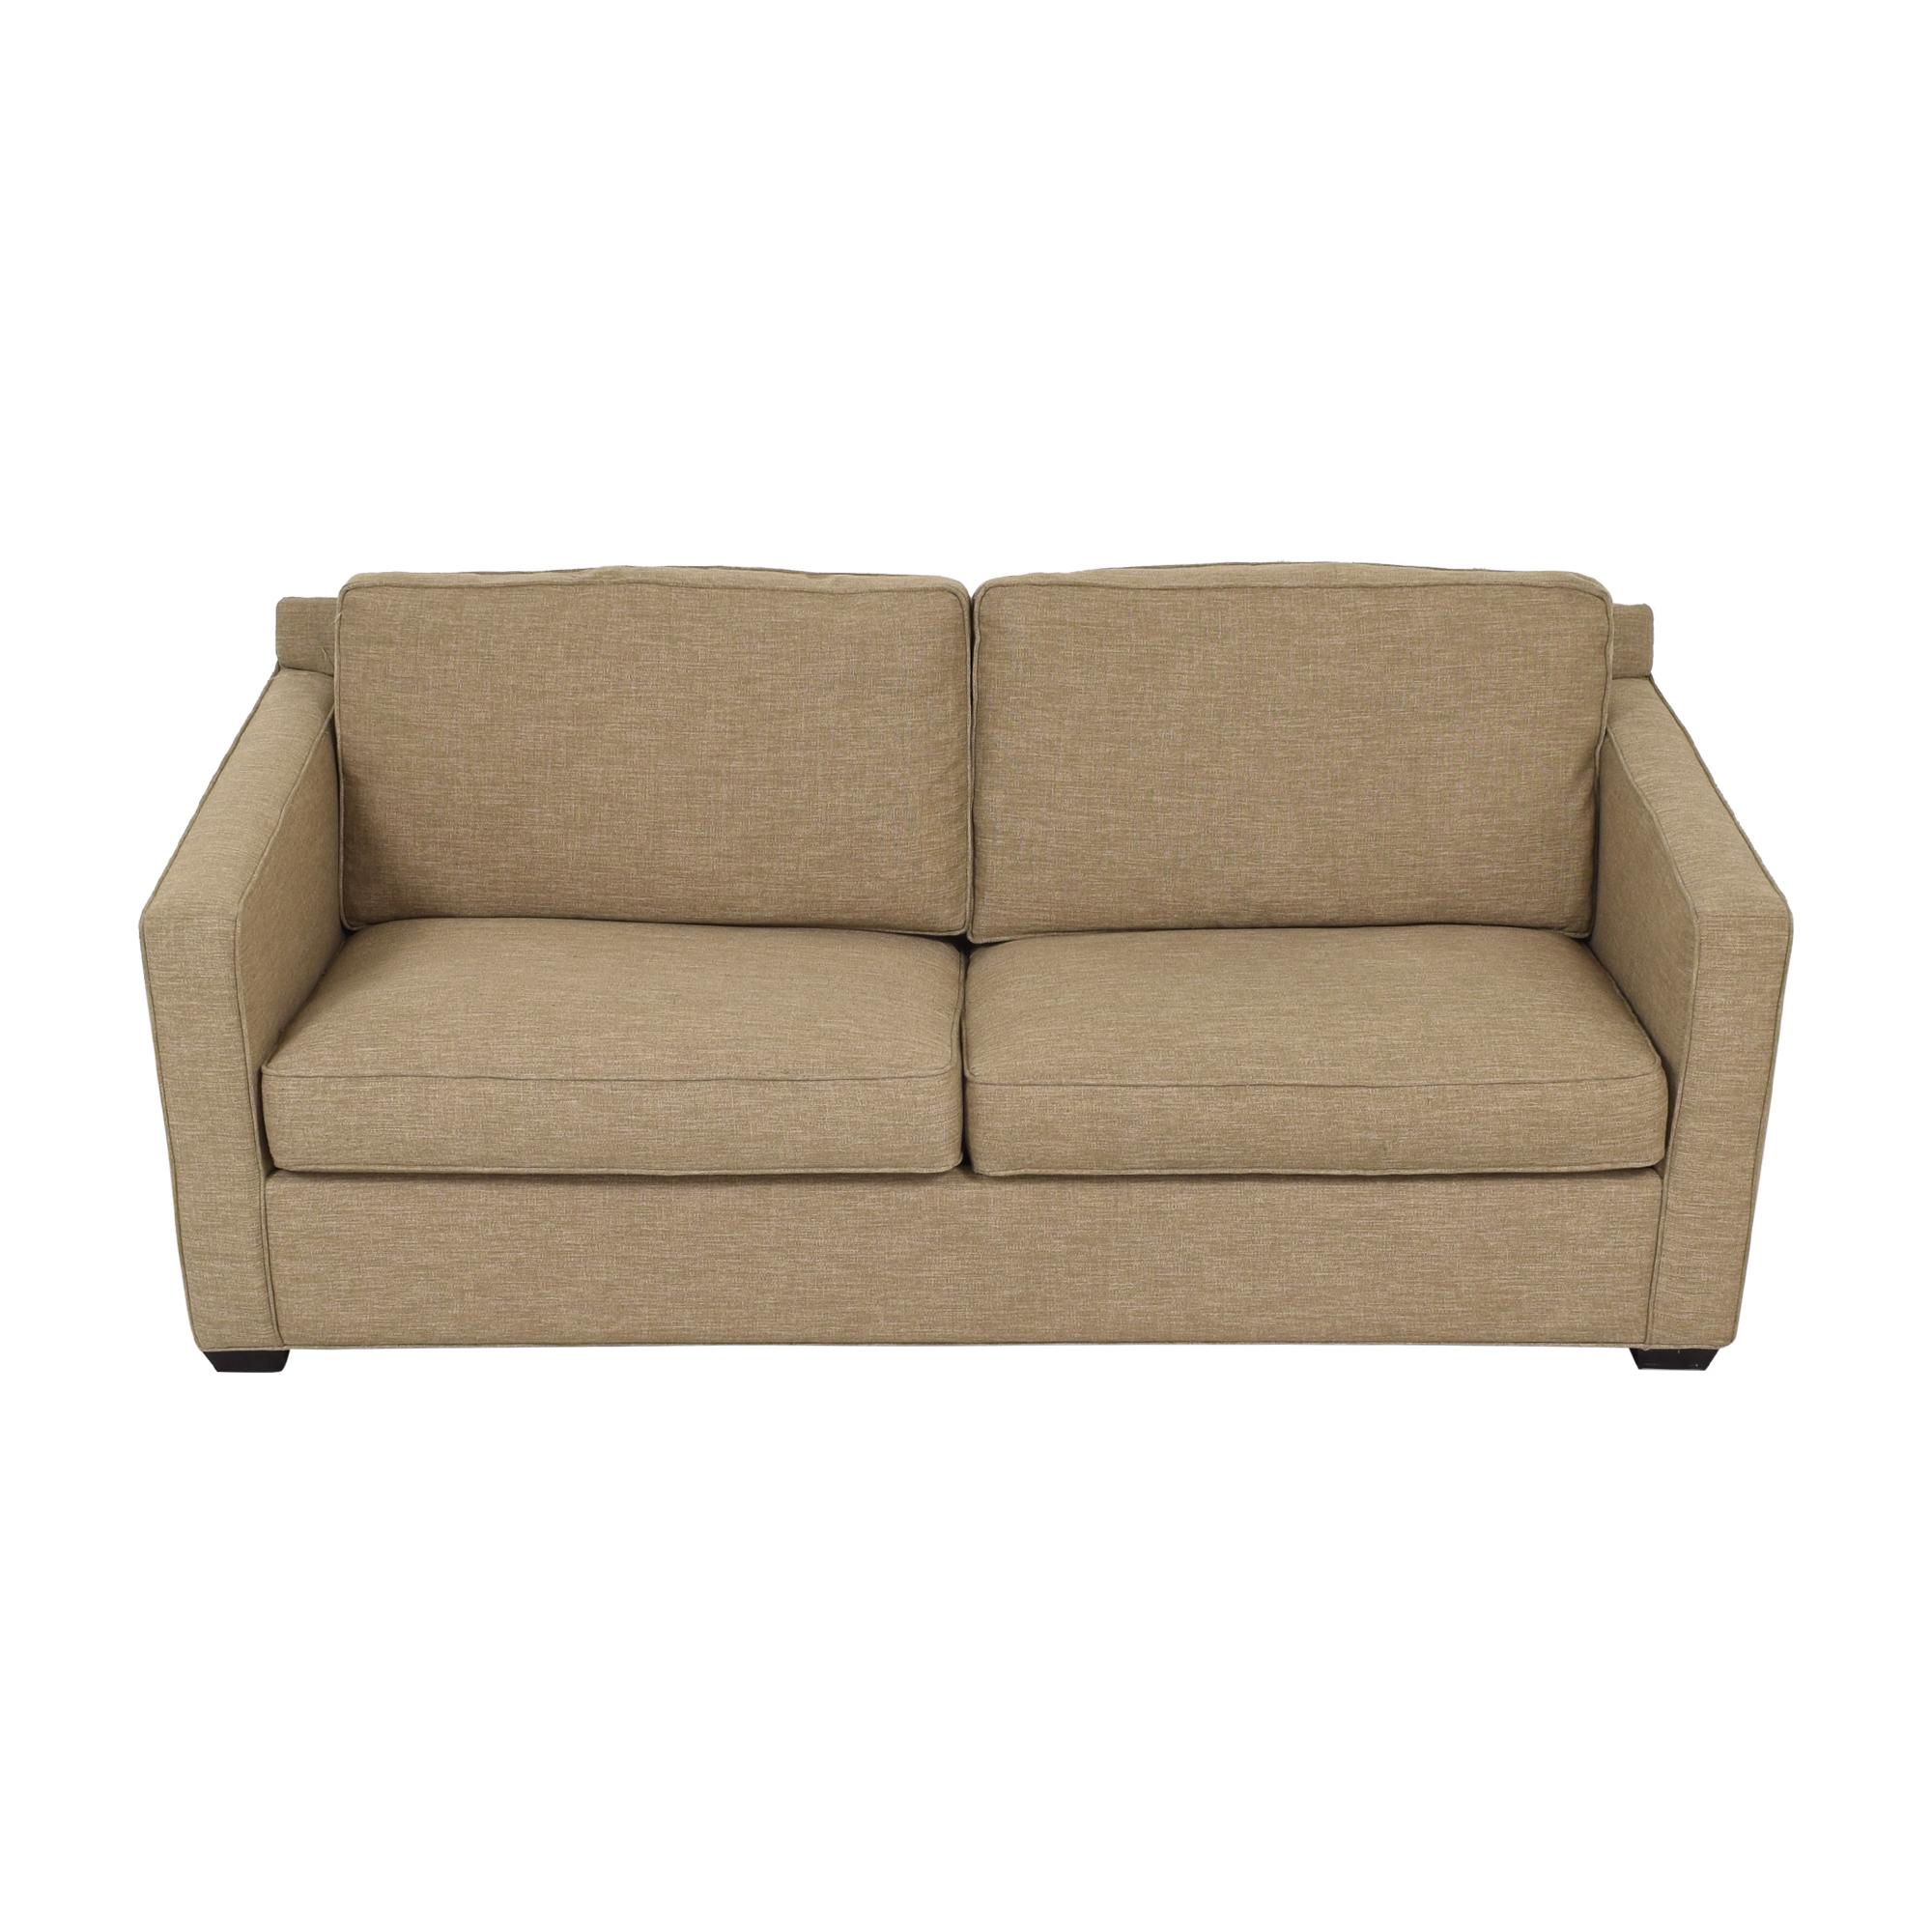 Crate & Barrel Crate & Barrel Axis II 2-Seat Queen Sleeper Sofa for sale